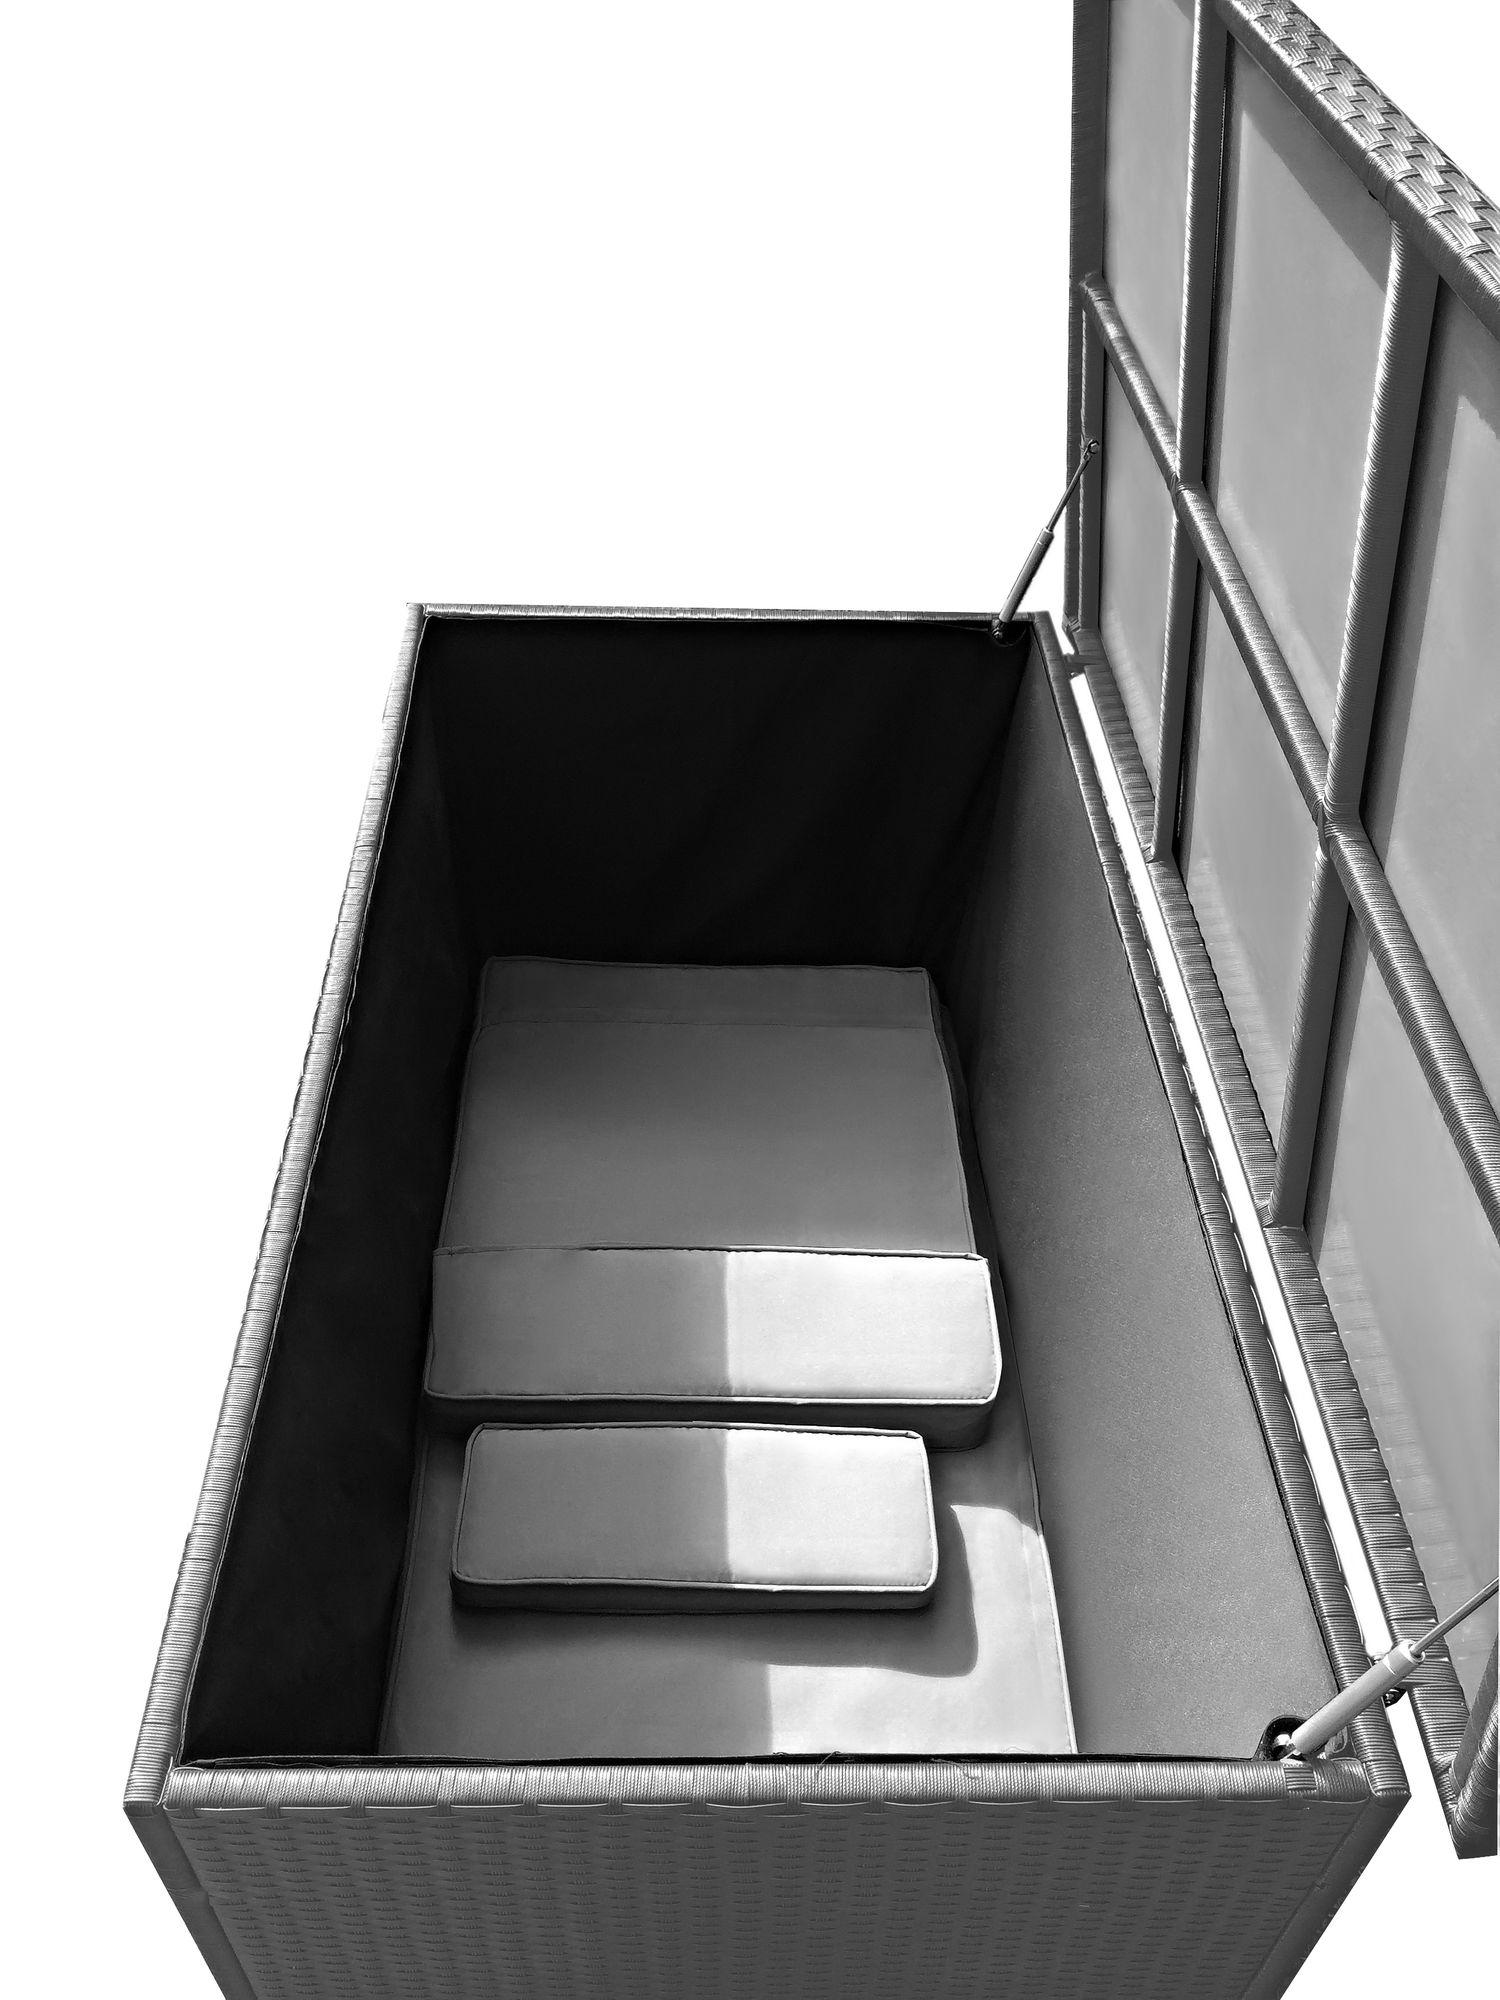 Kissenbox Auflagenbox Gartentruhe Gartenbox Truhe Box Polyrattan